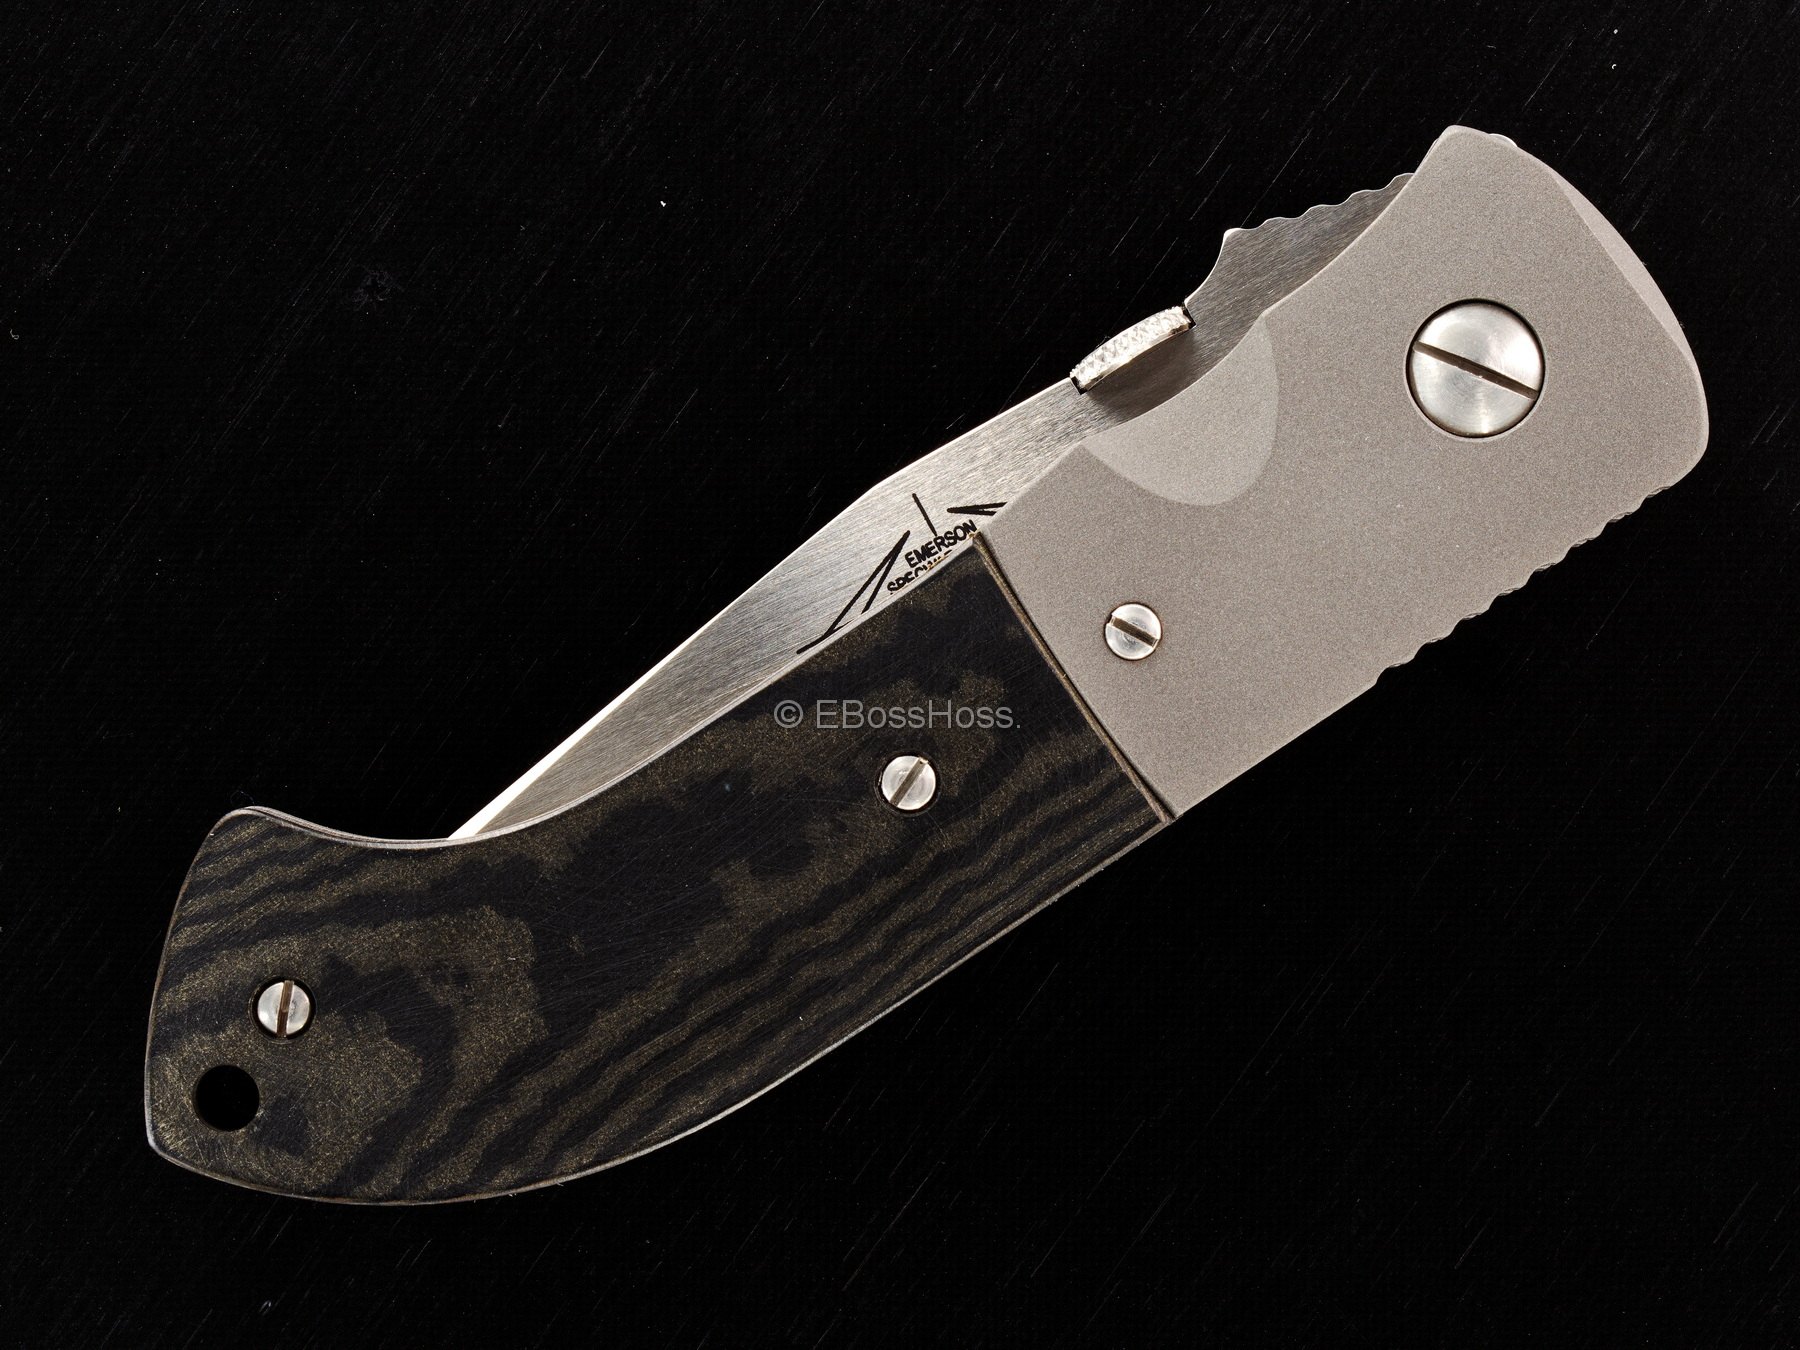 Ernie Emerson Custom MV-5 (aka Viper 5) in Black Richlite